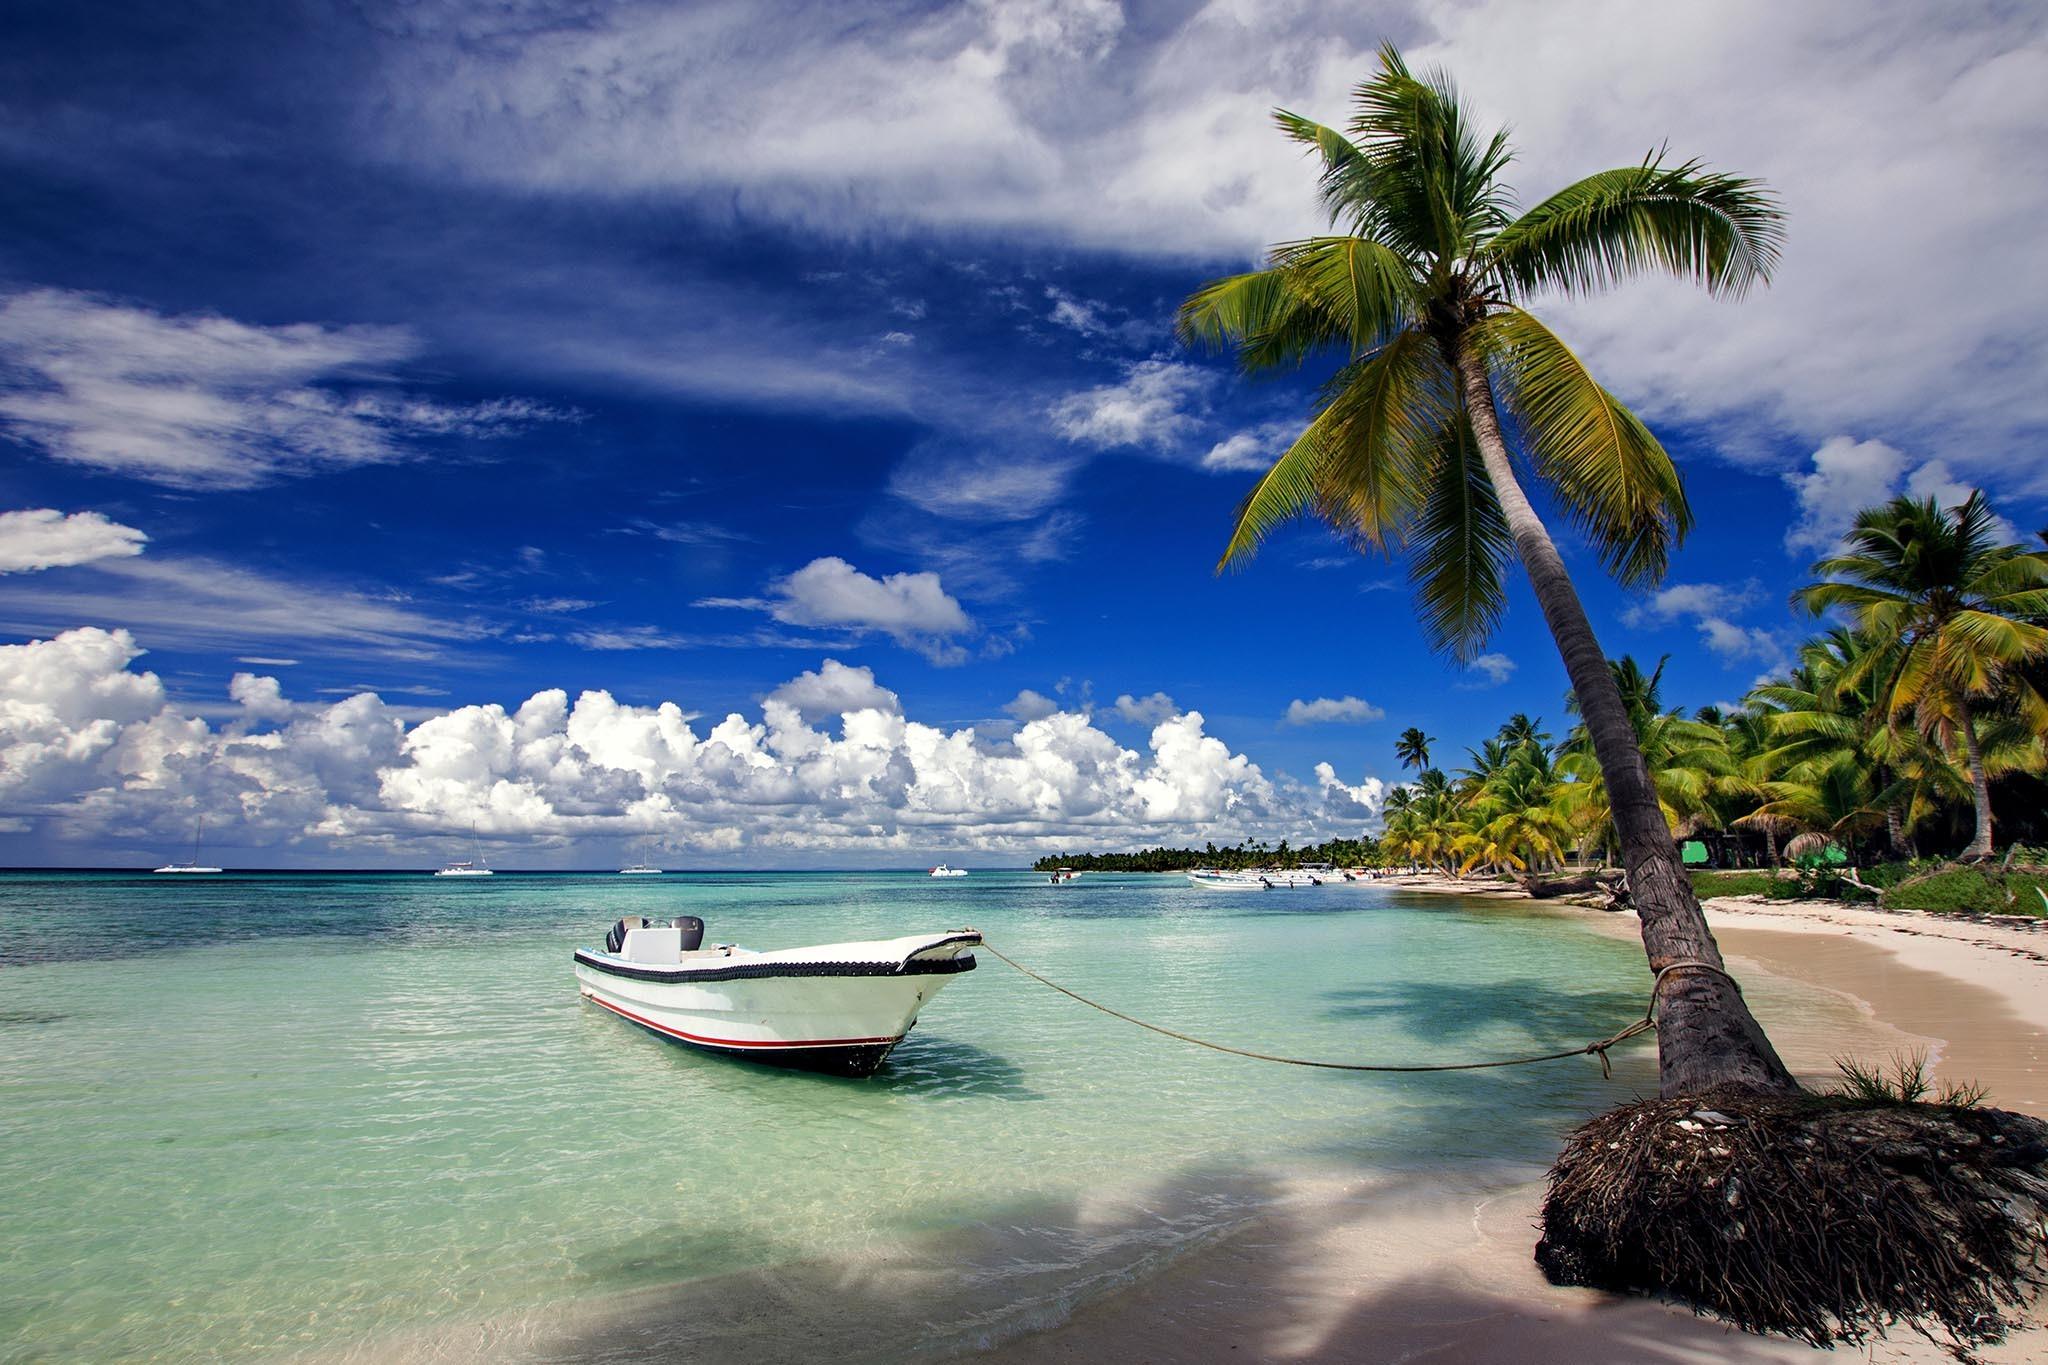 Isla Saona, eitw